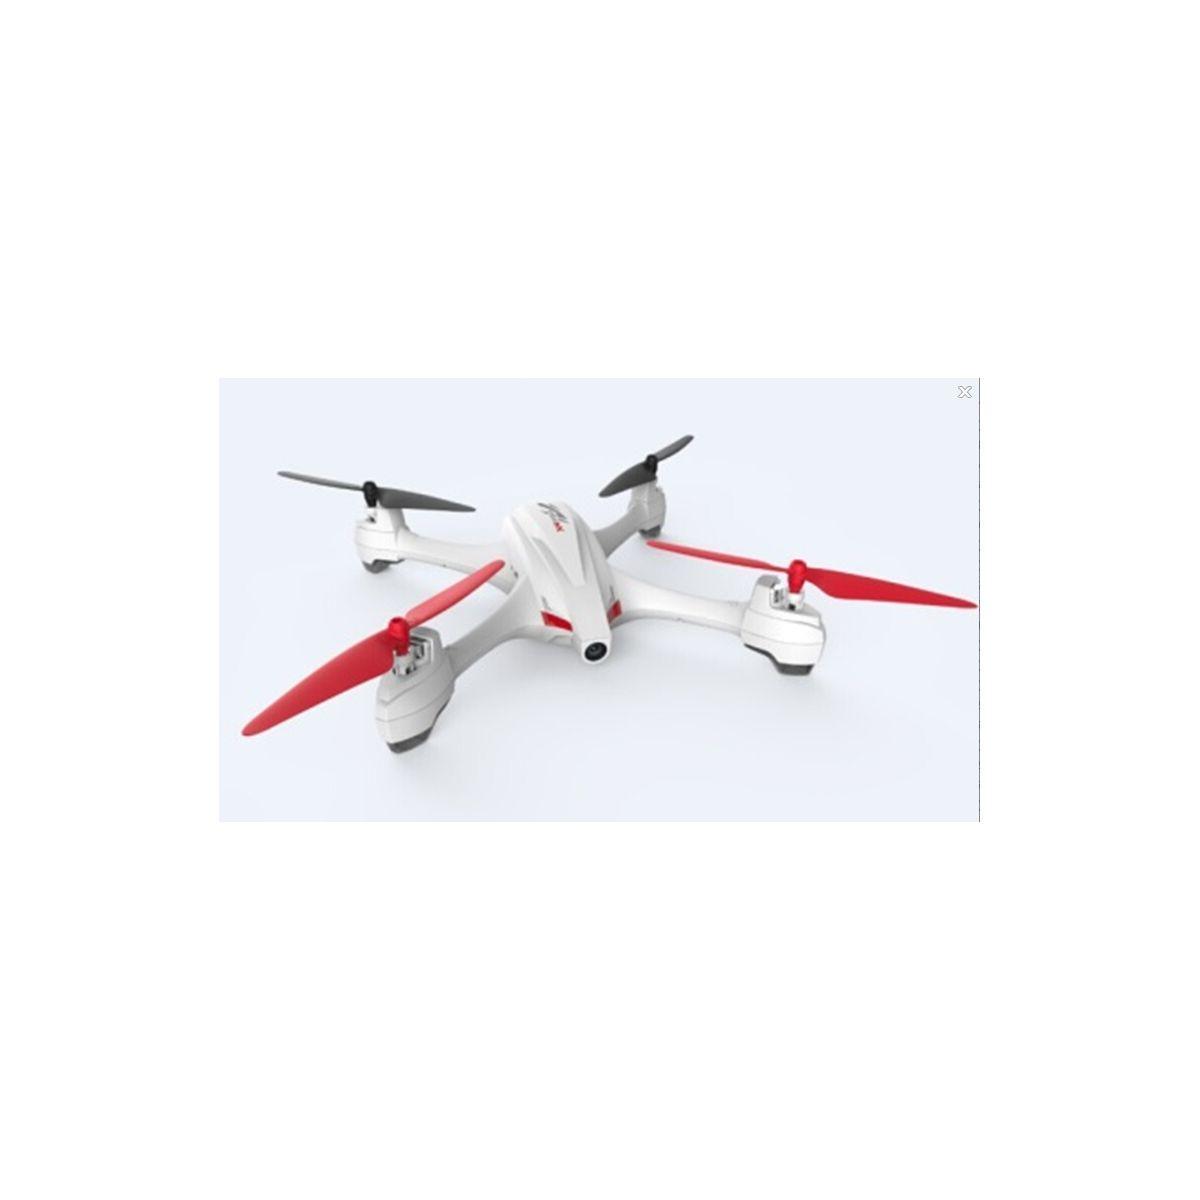 Drones husban x4 mini - 7% de remise immédiate avec le code : fete7 (photo)